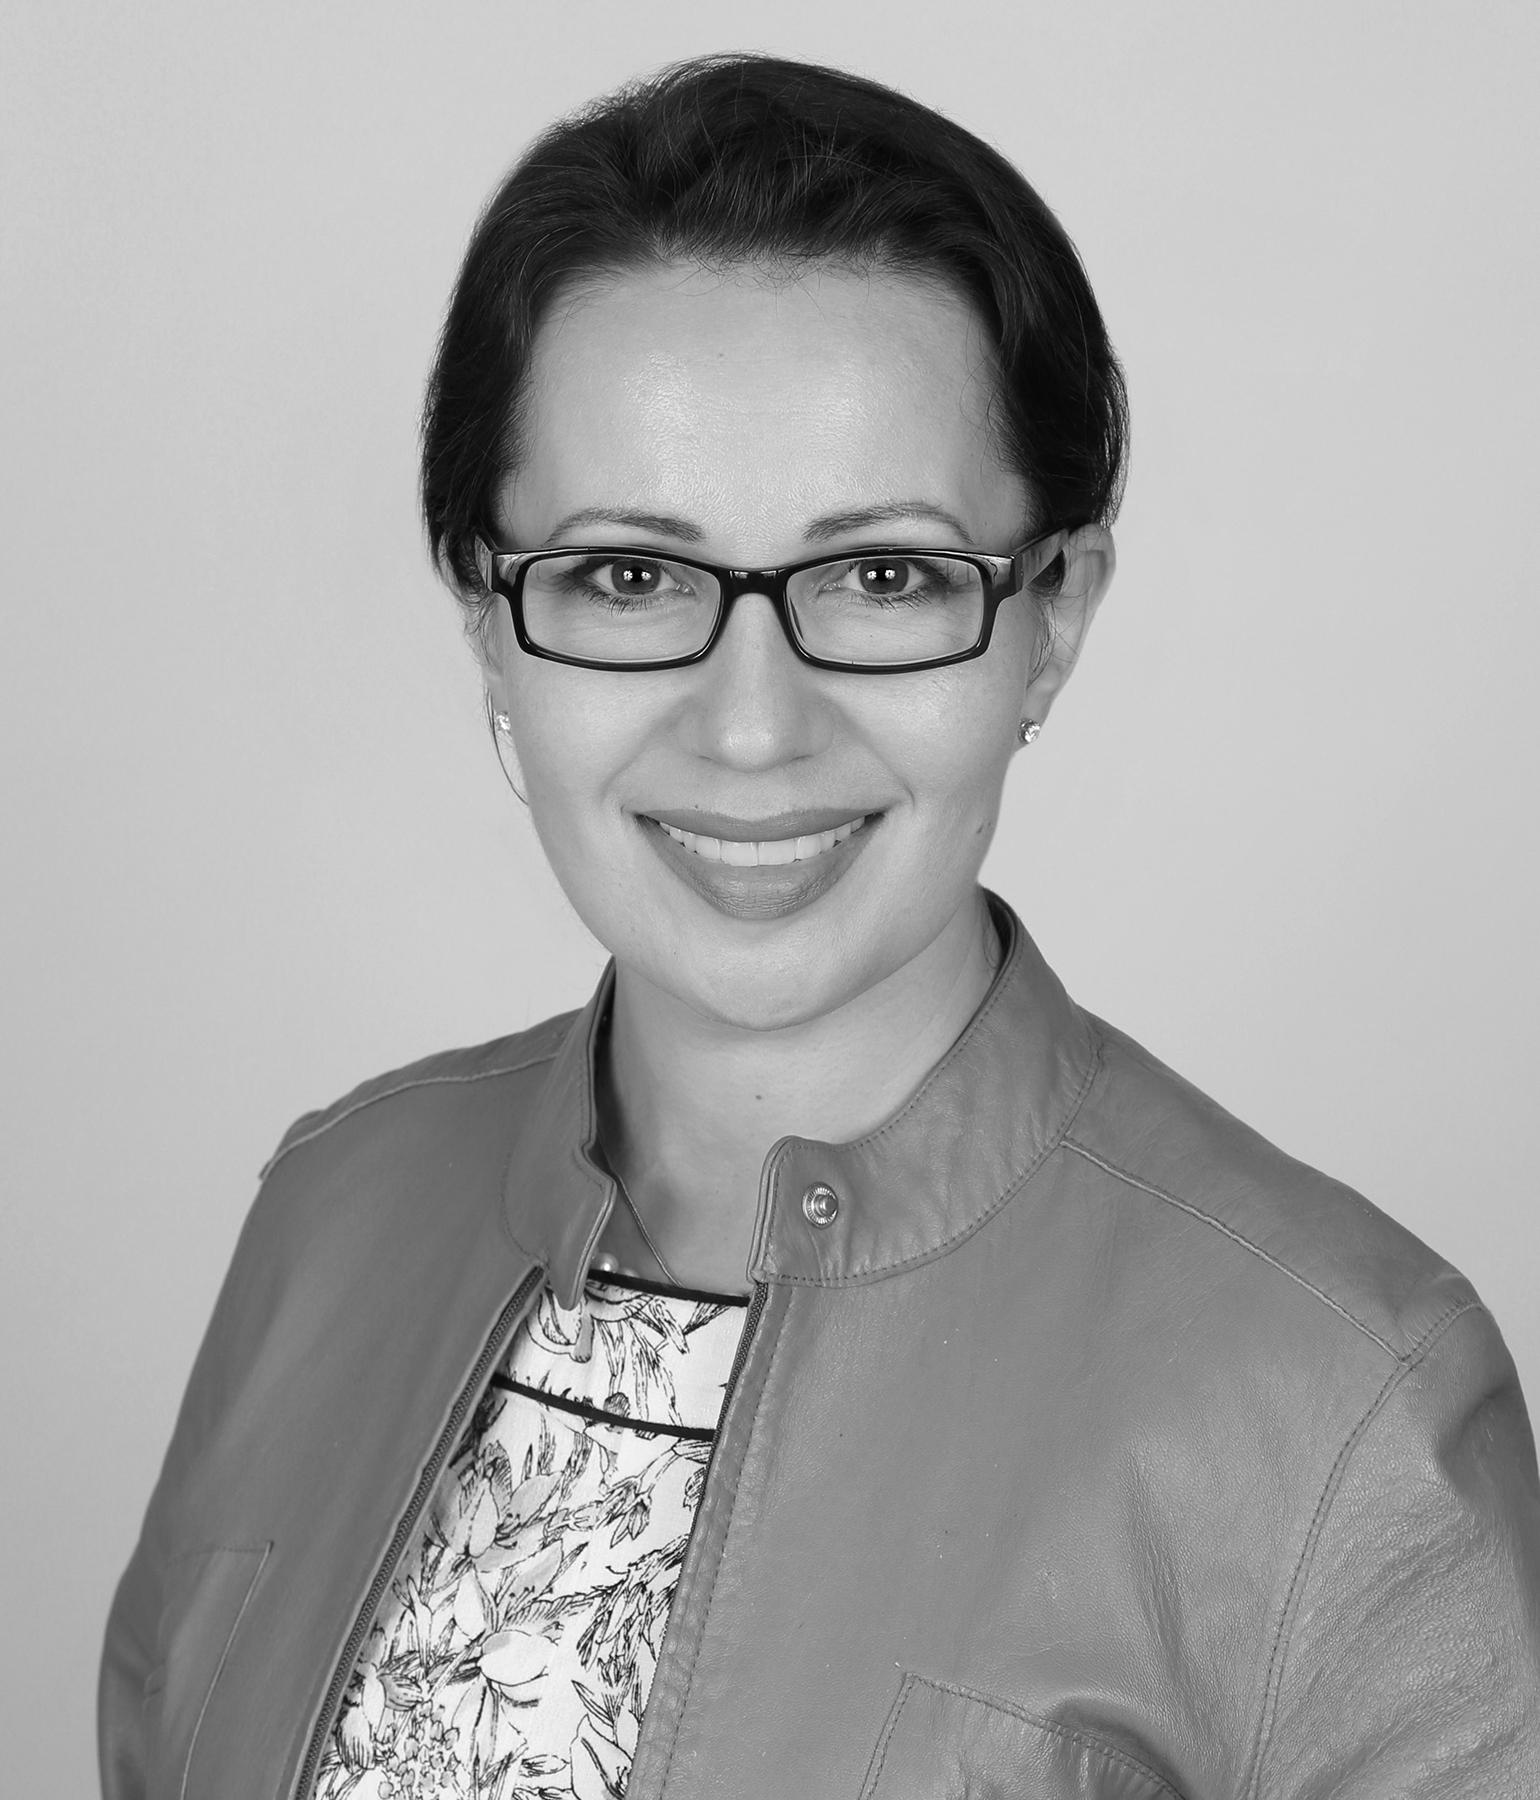 Olga Barbanel